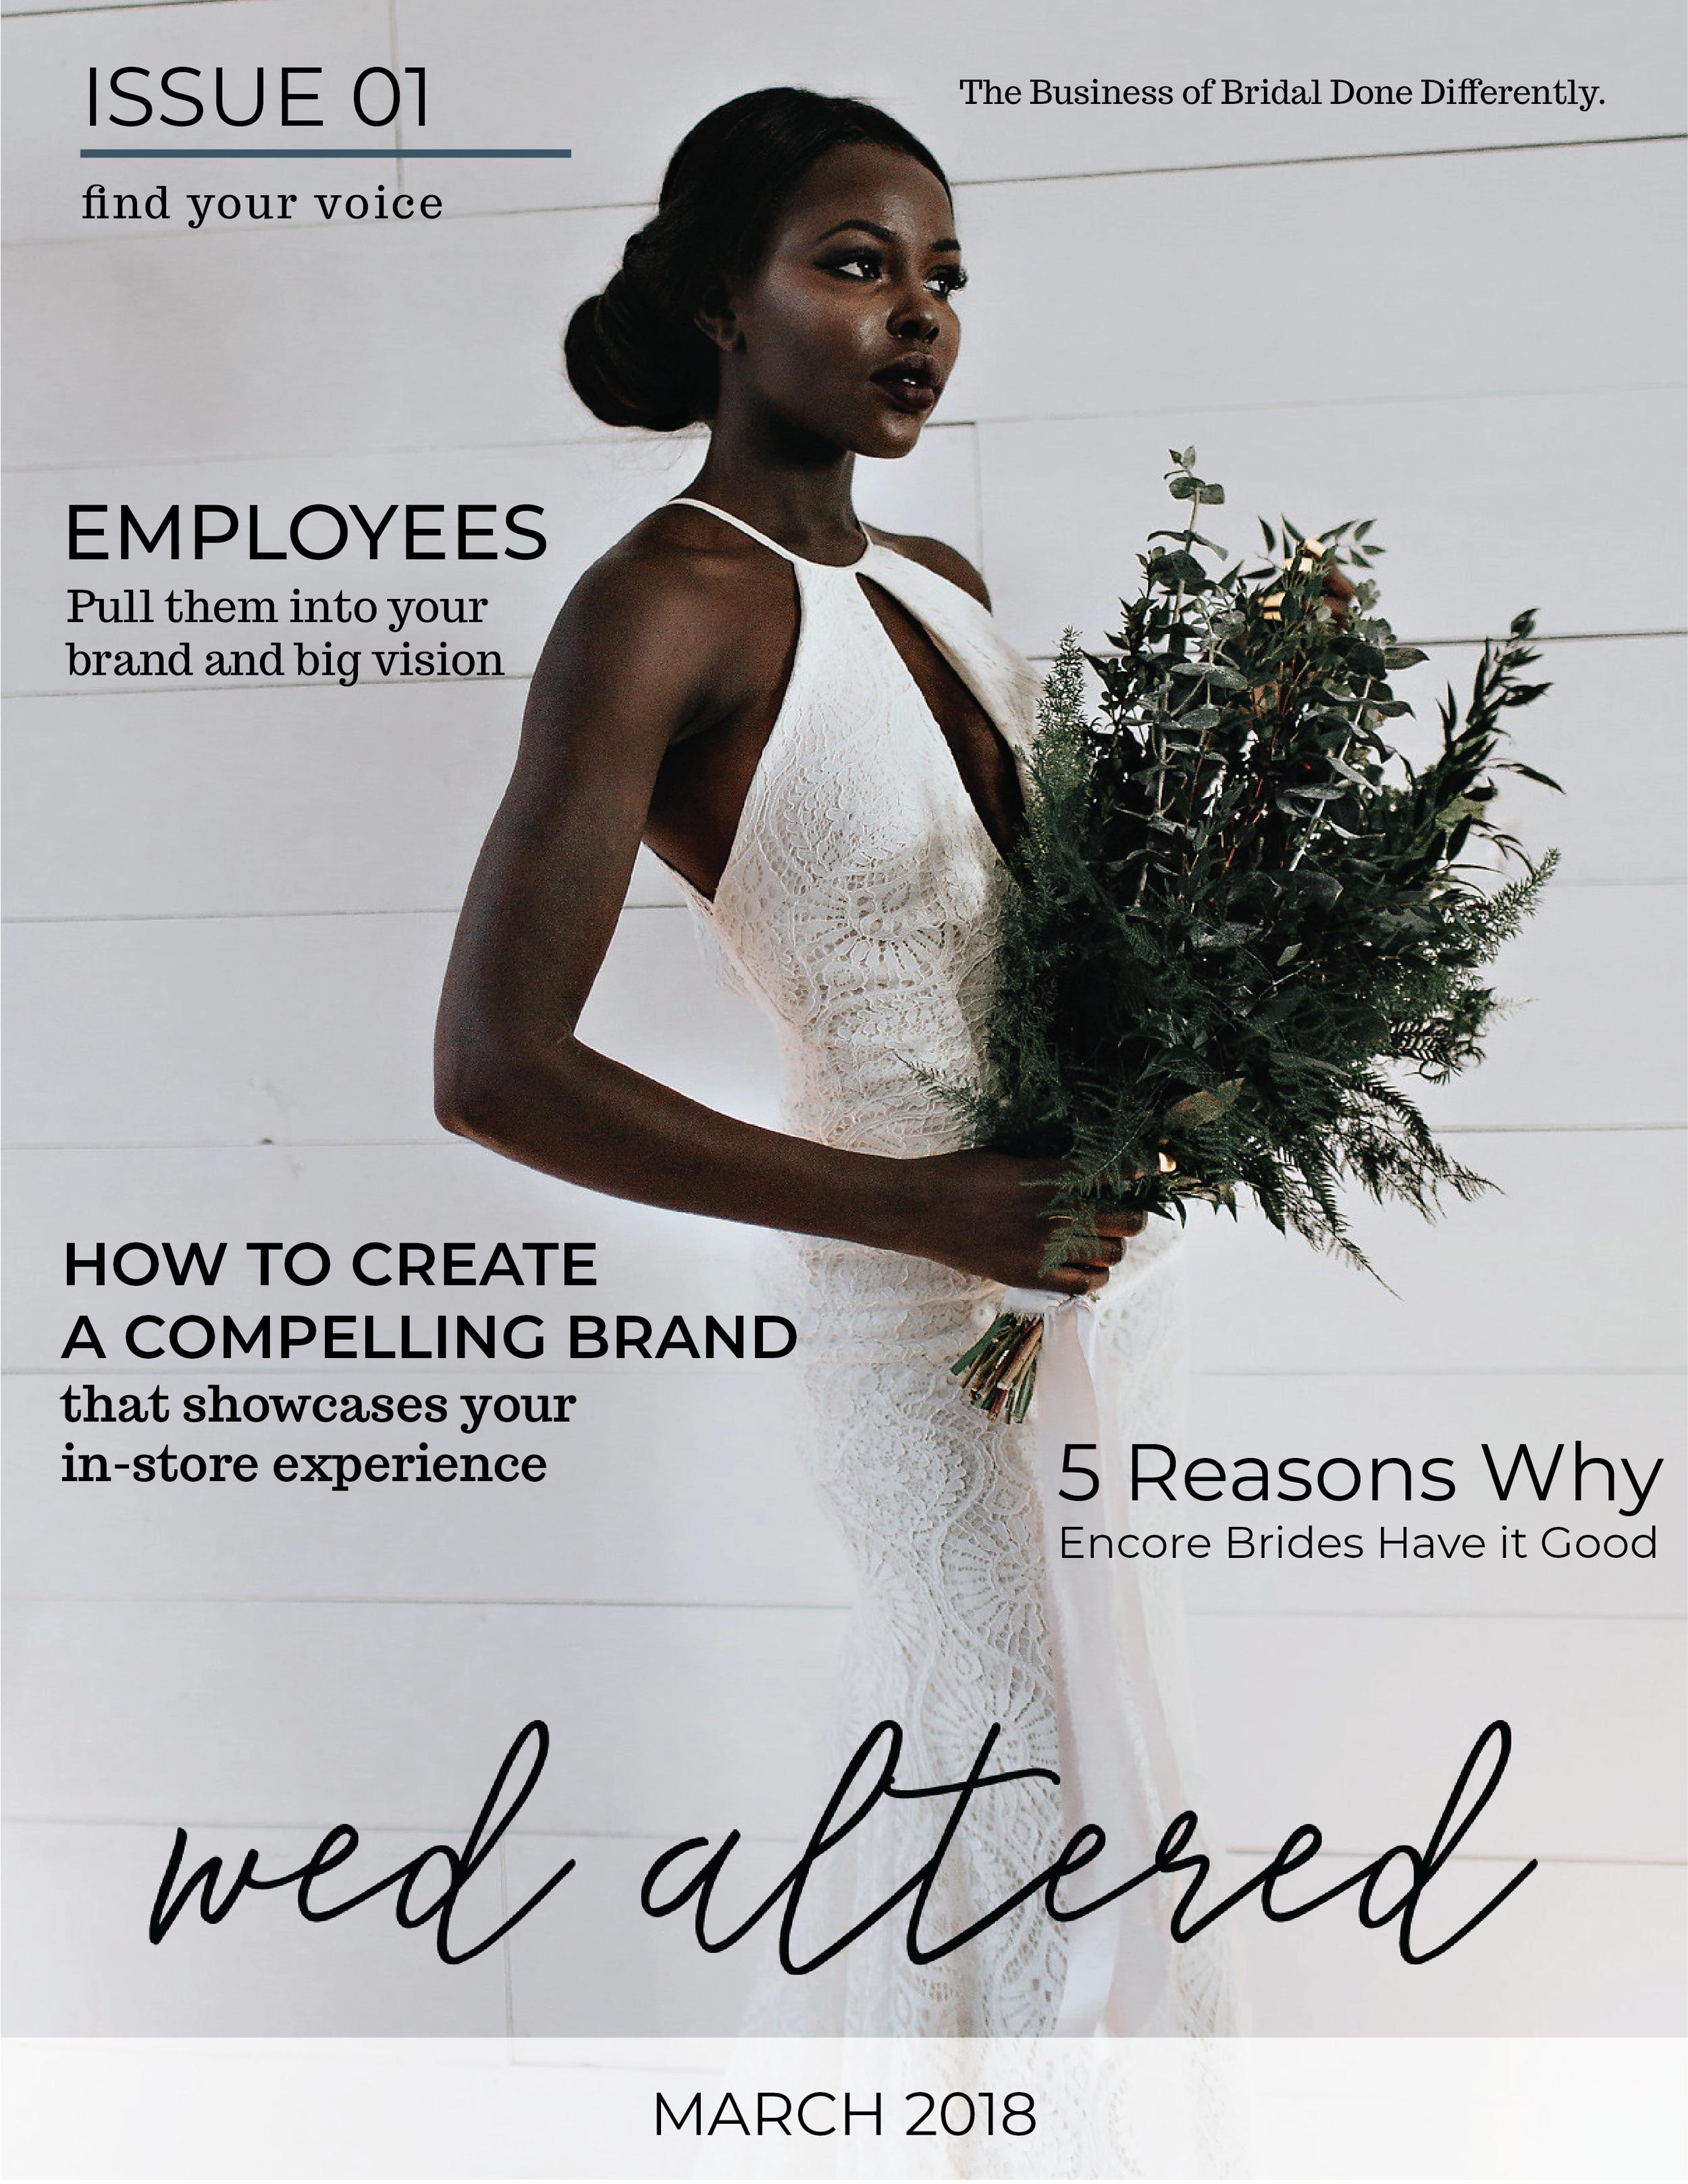 bridal wholesale market magazine wed altered